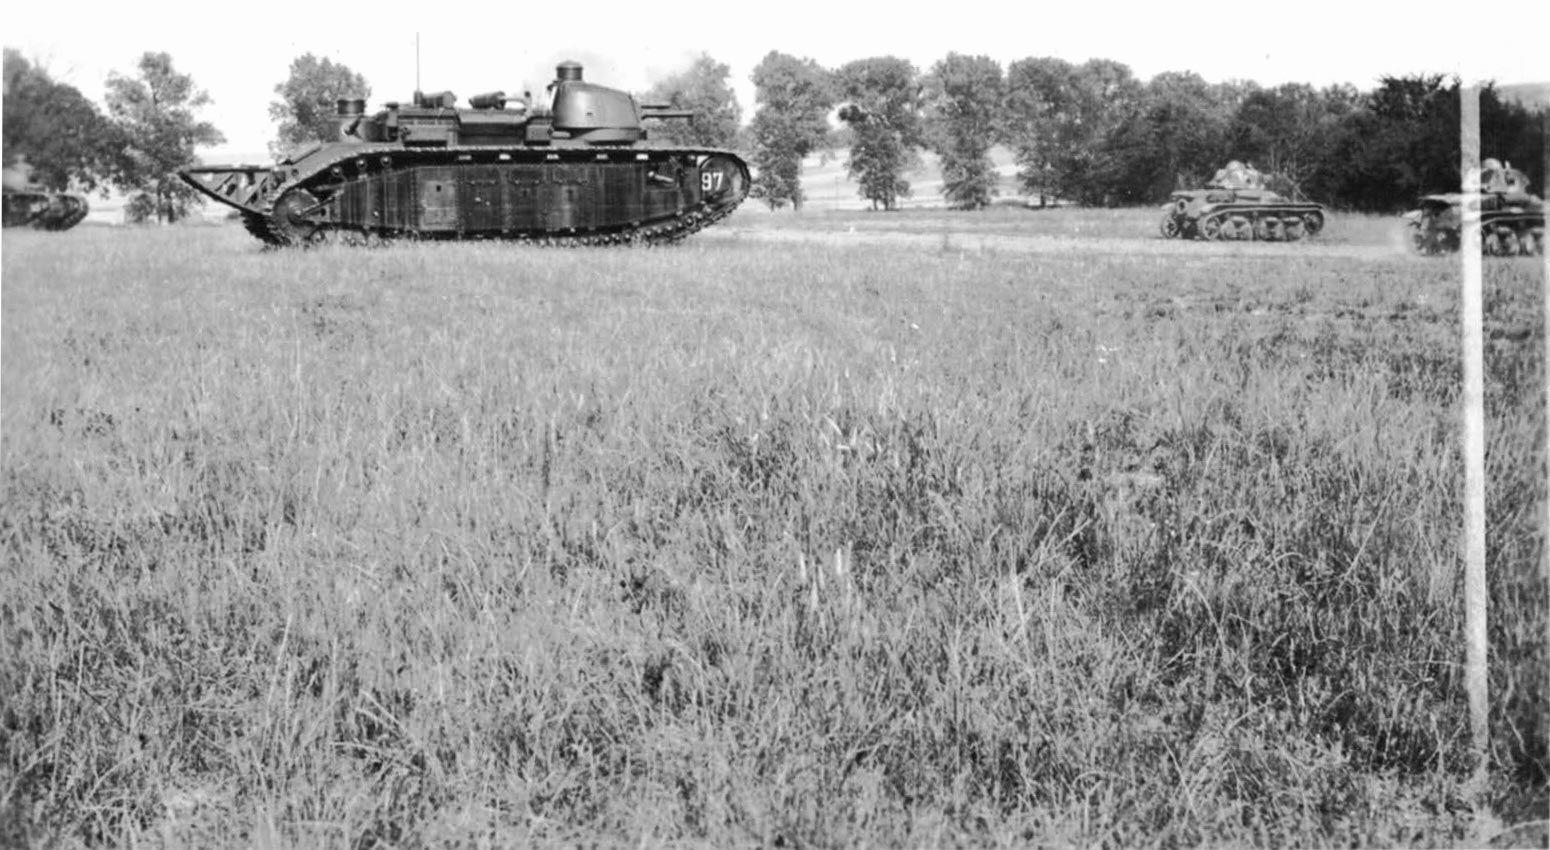 каждому известно, фото немецкого танка гиганта каждый